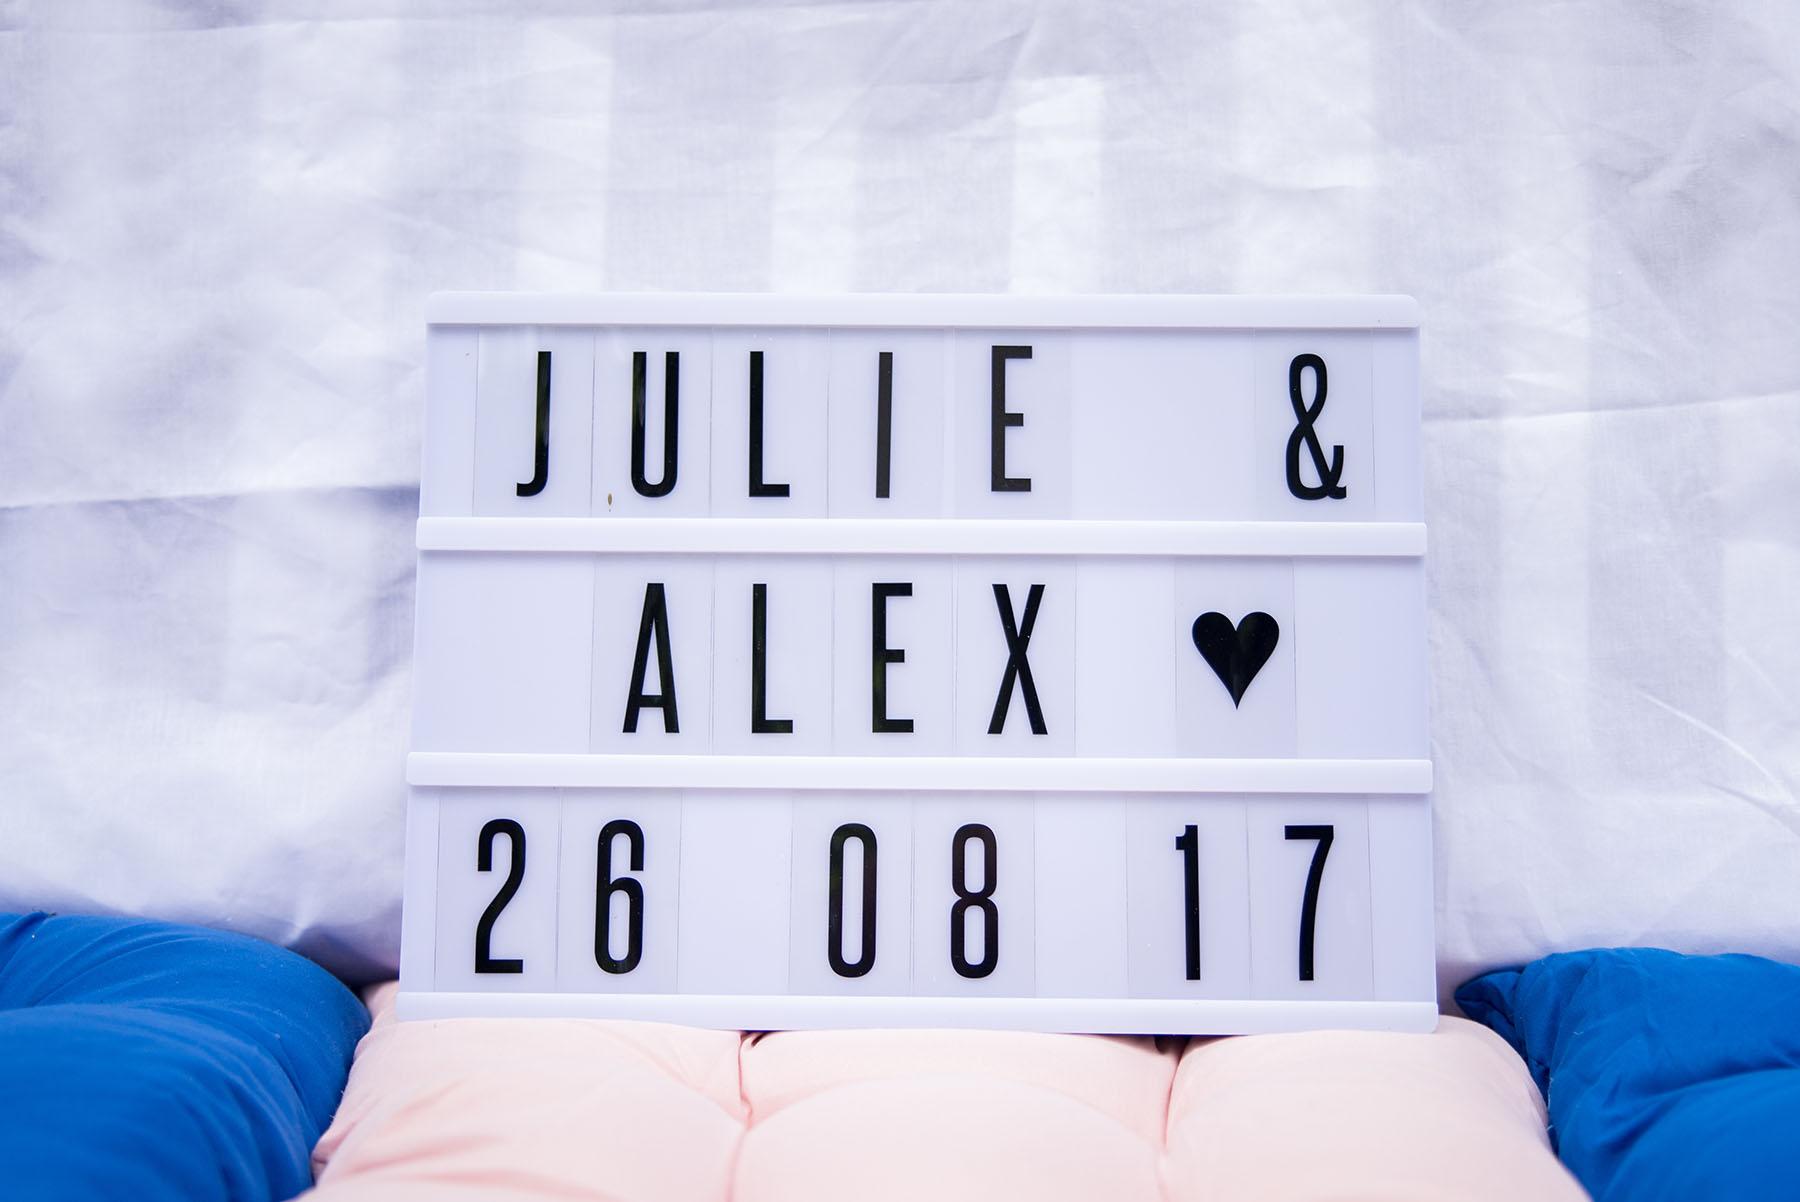 JULIE ALEXANDRE 181 - Julie et Alexandre